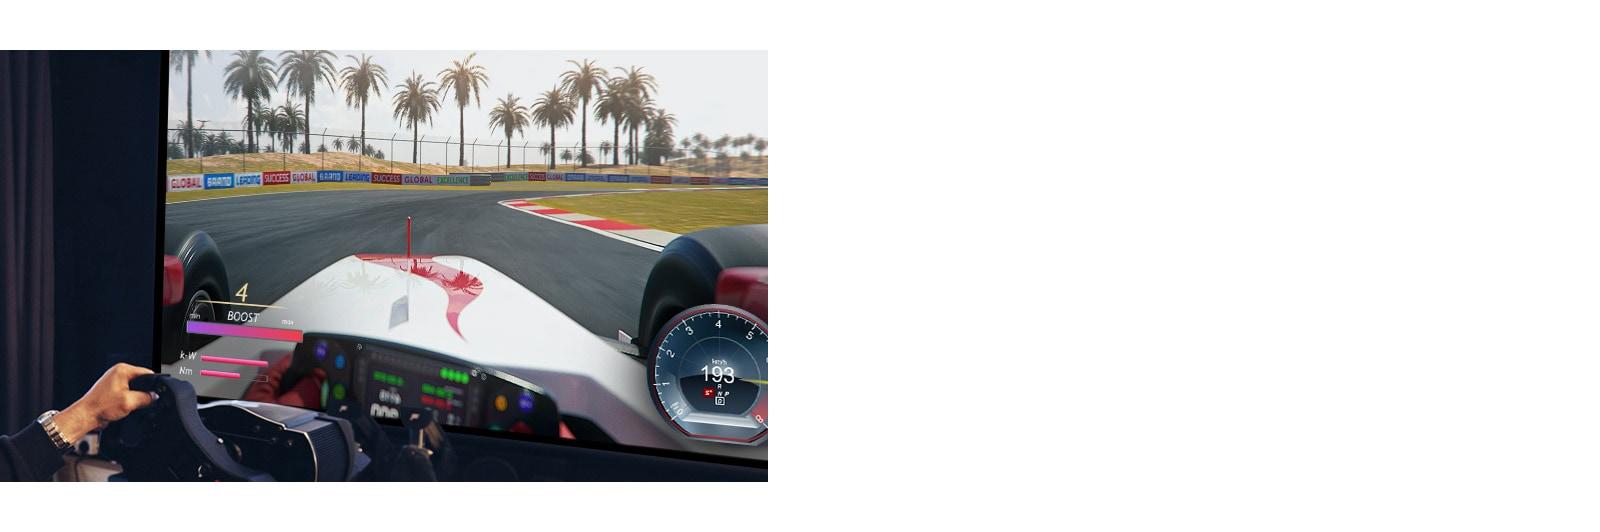 Pietuvinājumā redzams spēlētājs, kurš ar sacīkšu automašīnas stūri rokās spēlē ātrumsacīkstes televizora ekrānā.